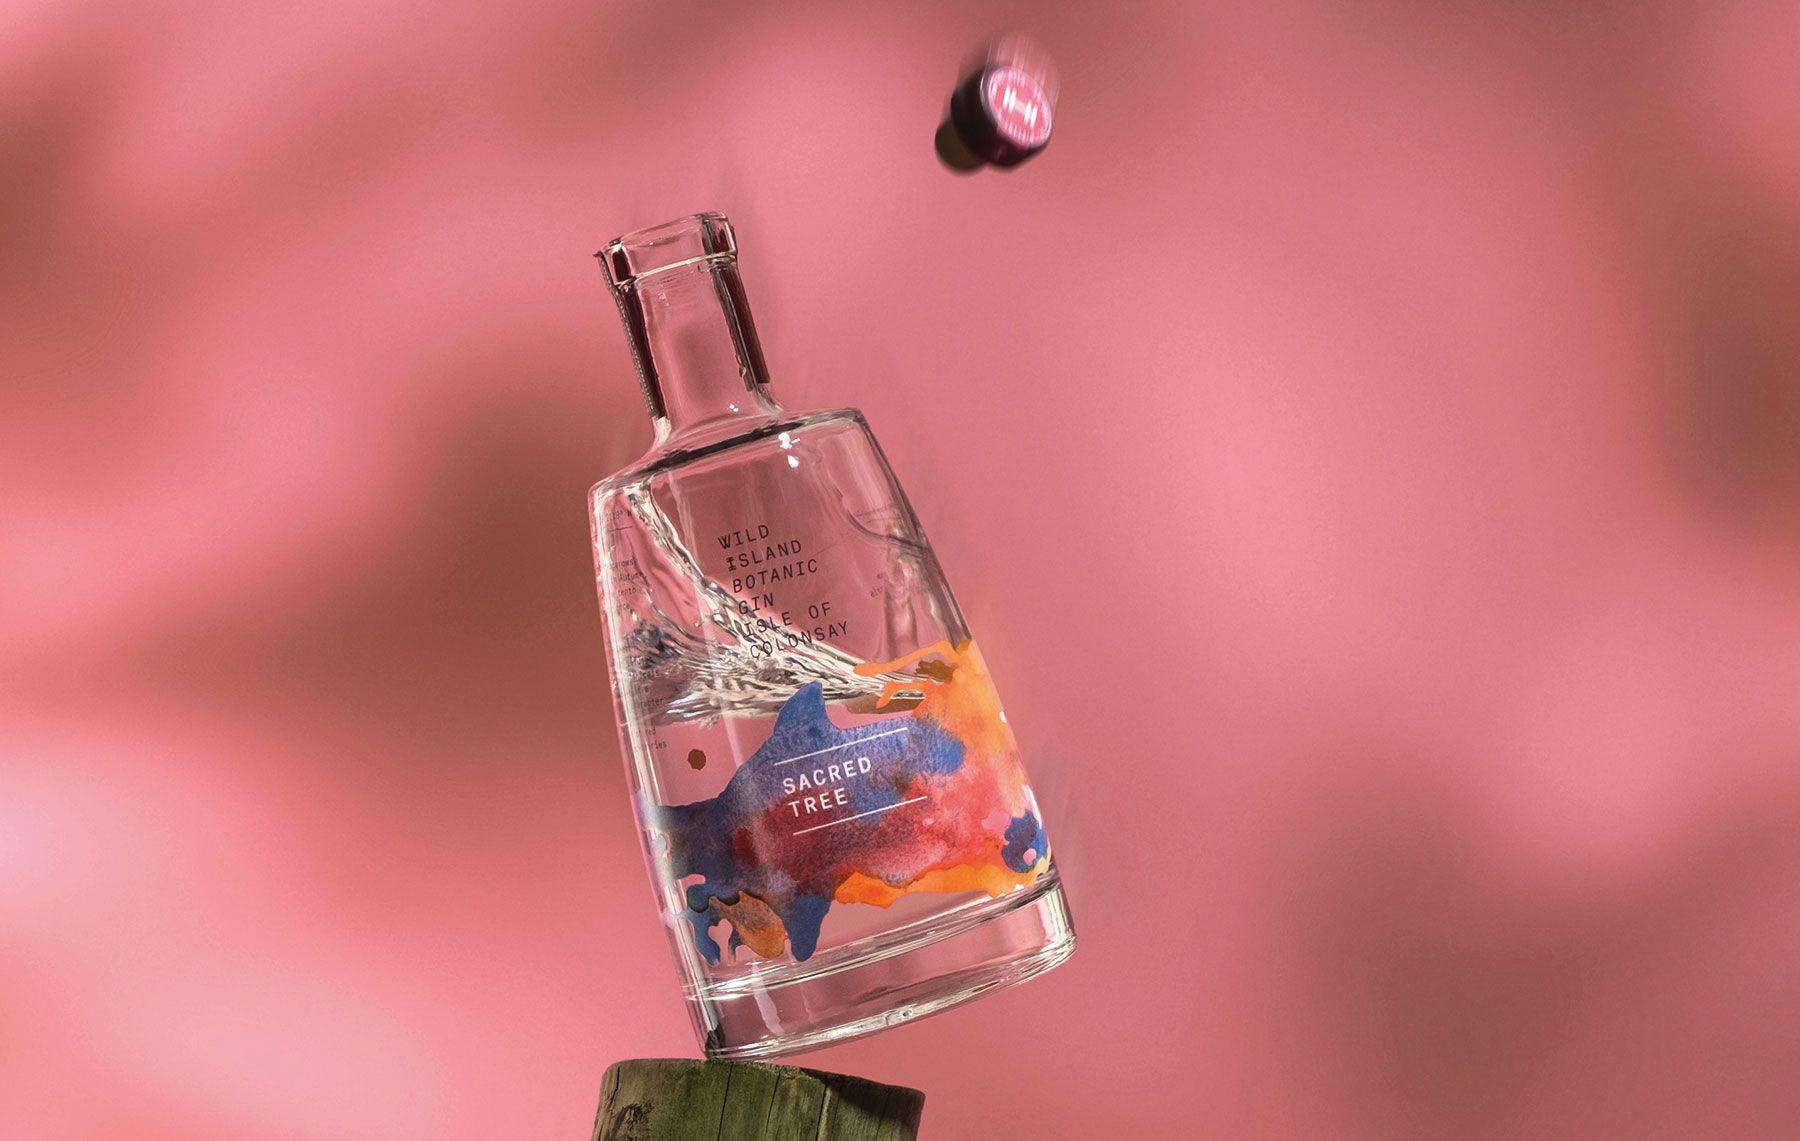 西林分享37种出色的包装设计欣赏